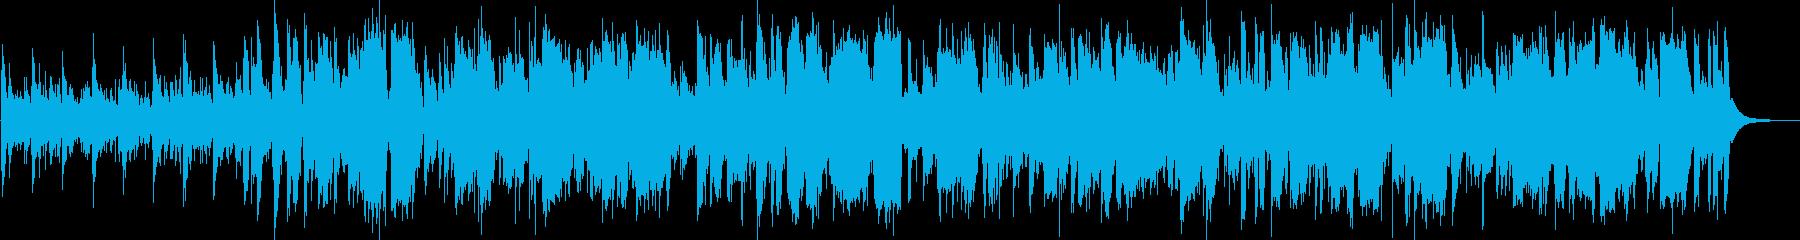 夕立の後の情景にあうフォークロックの再生済みの波形